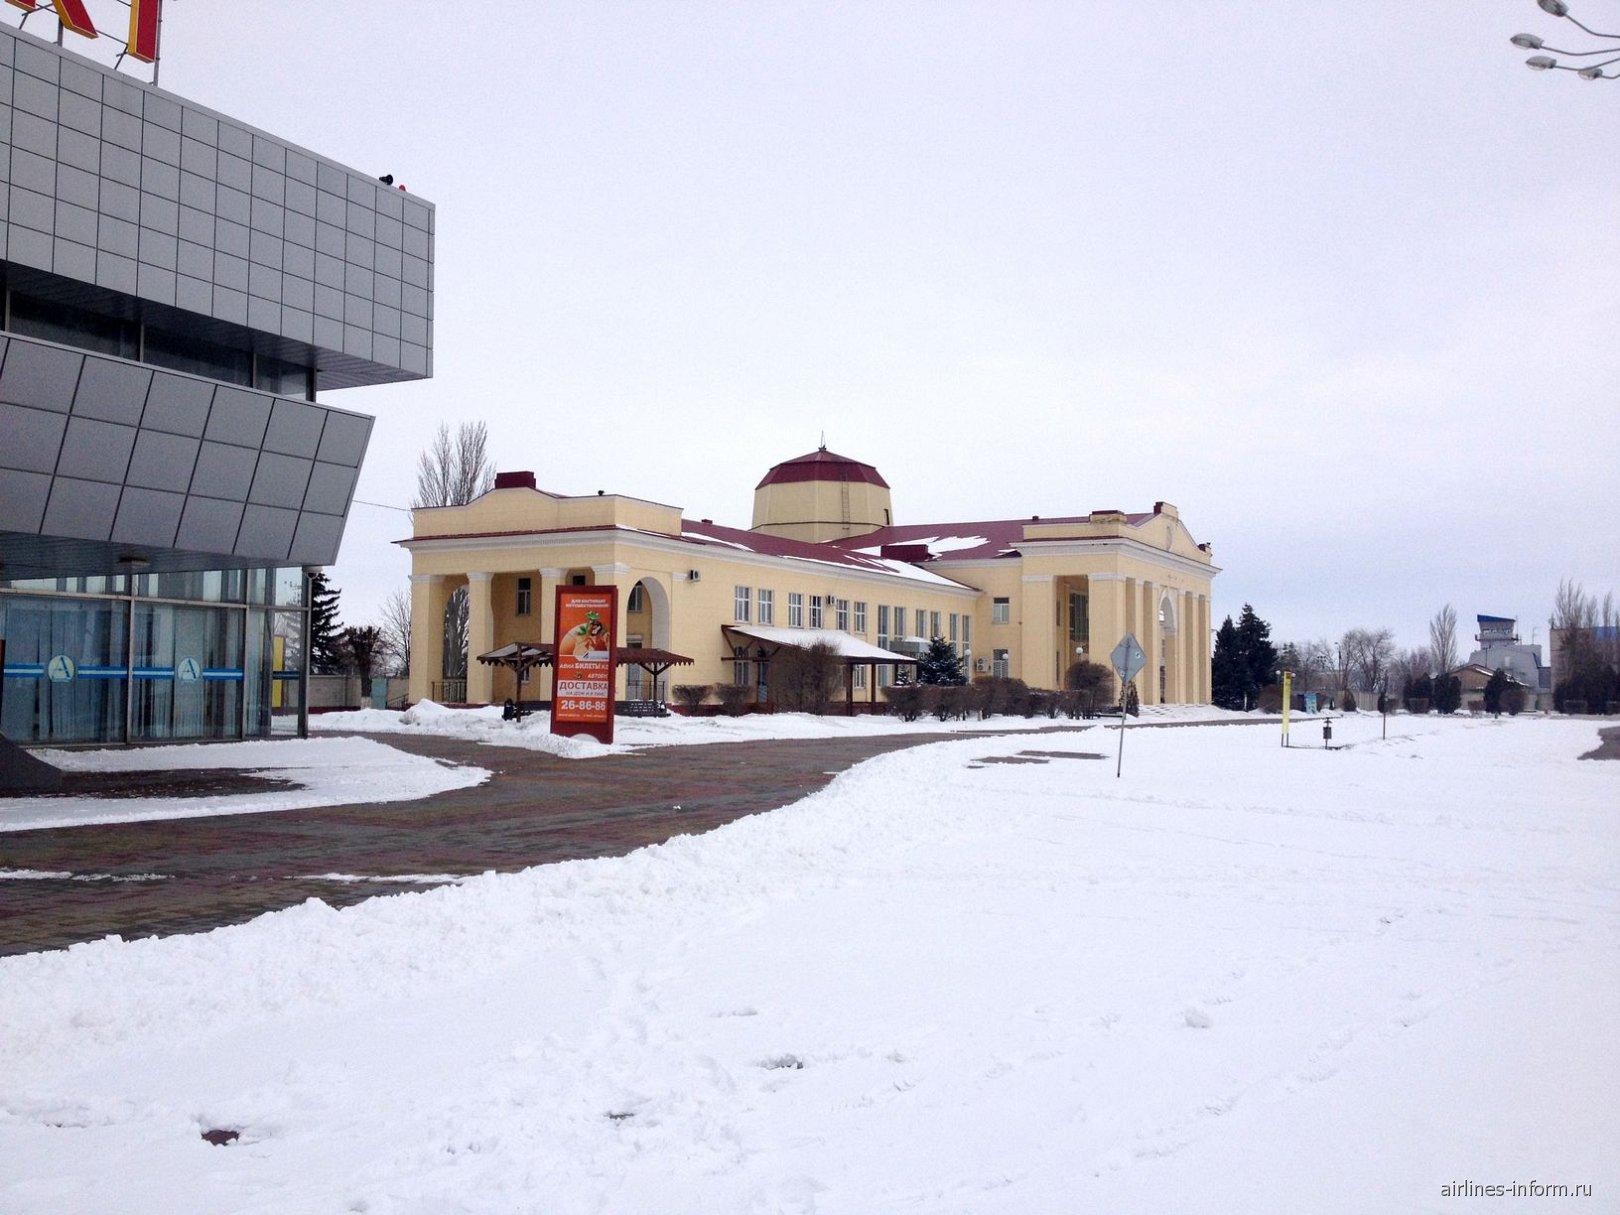 Терминал международных рейсов аэропорта Волгоград Гумрак